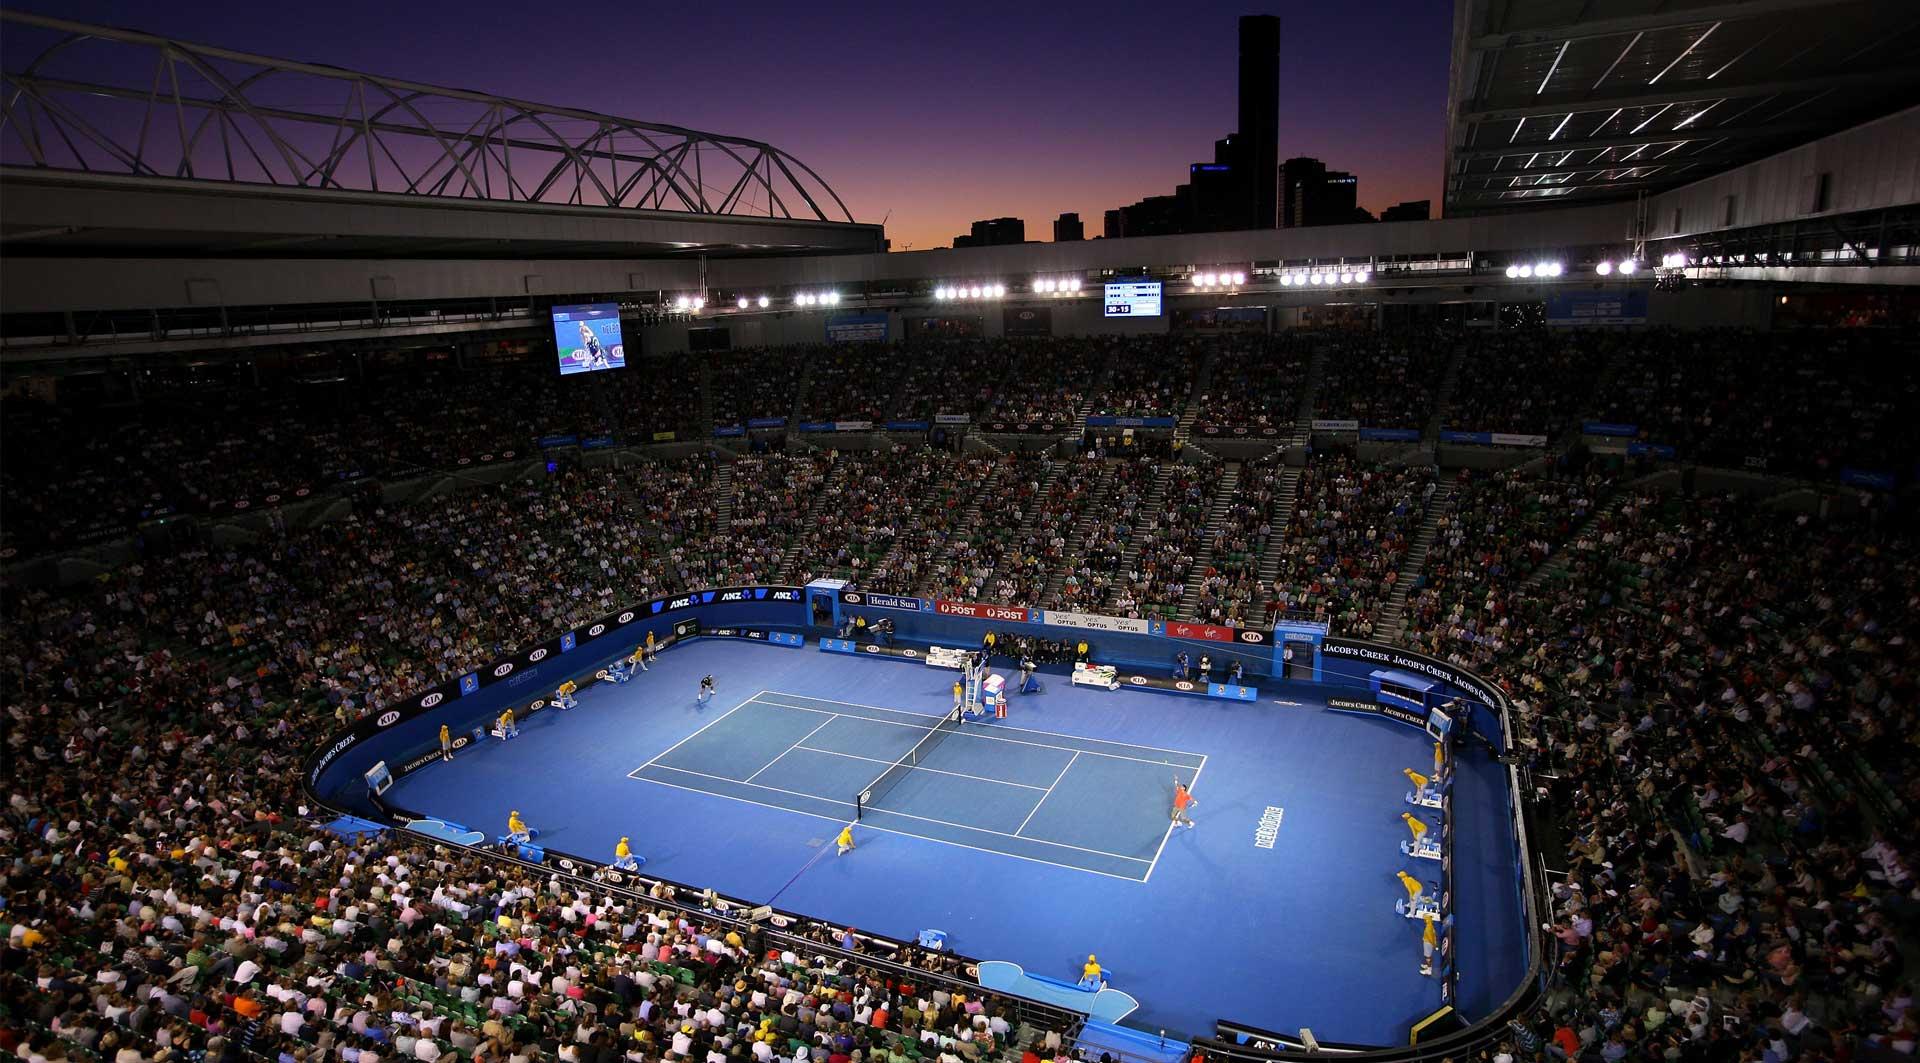 2018 Australian Open Packages